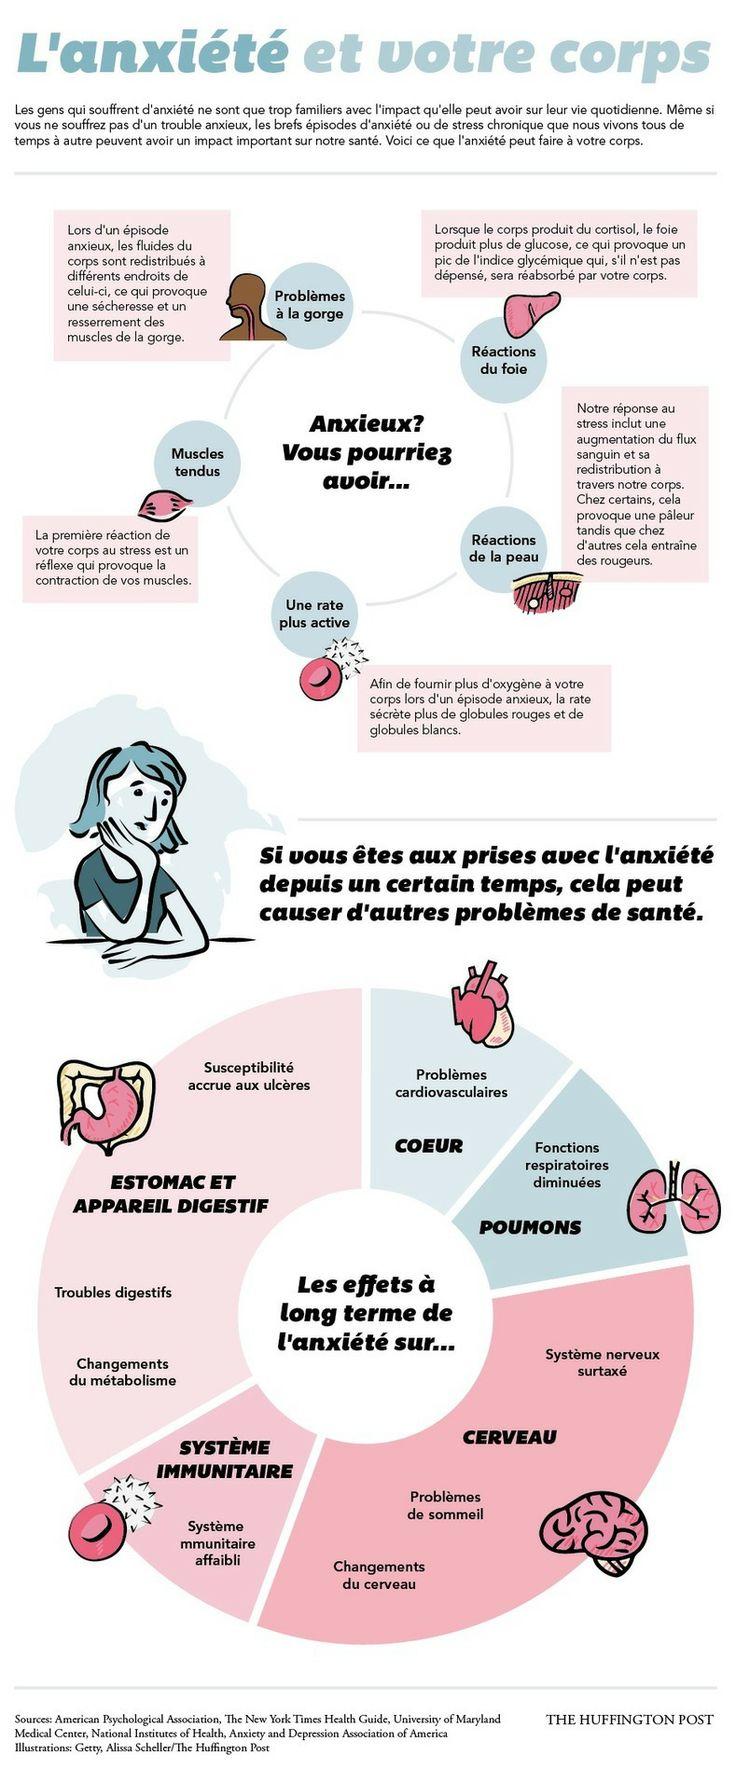 Les effets de l'anxiété sur votre santé